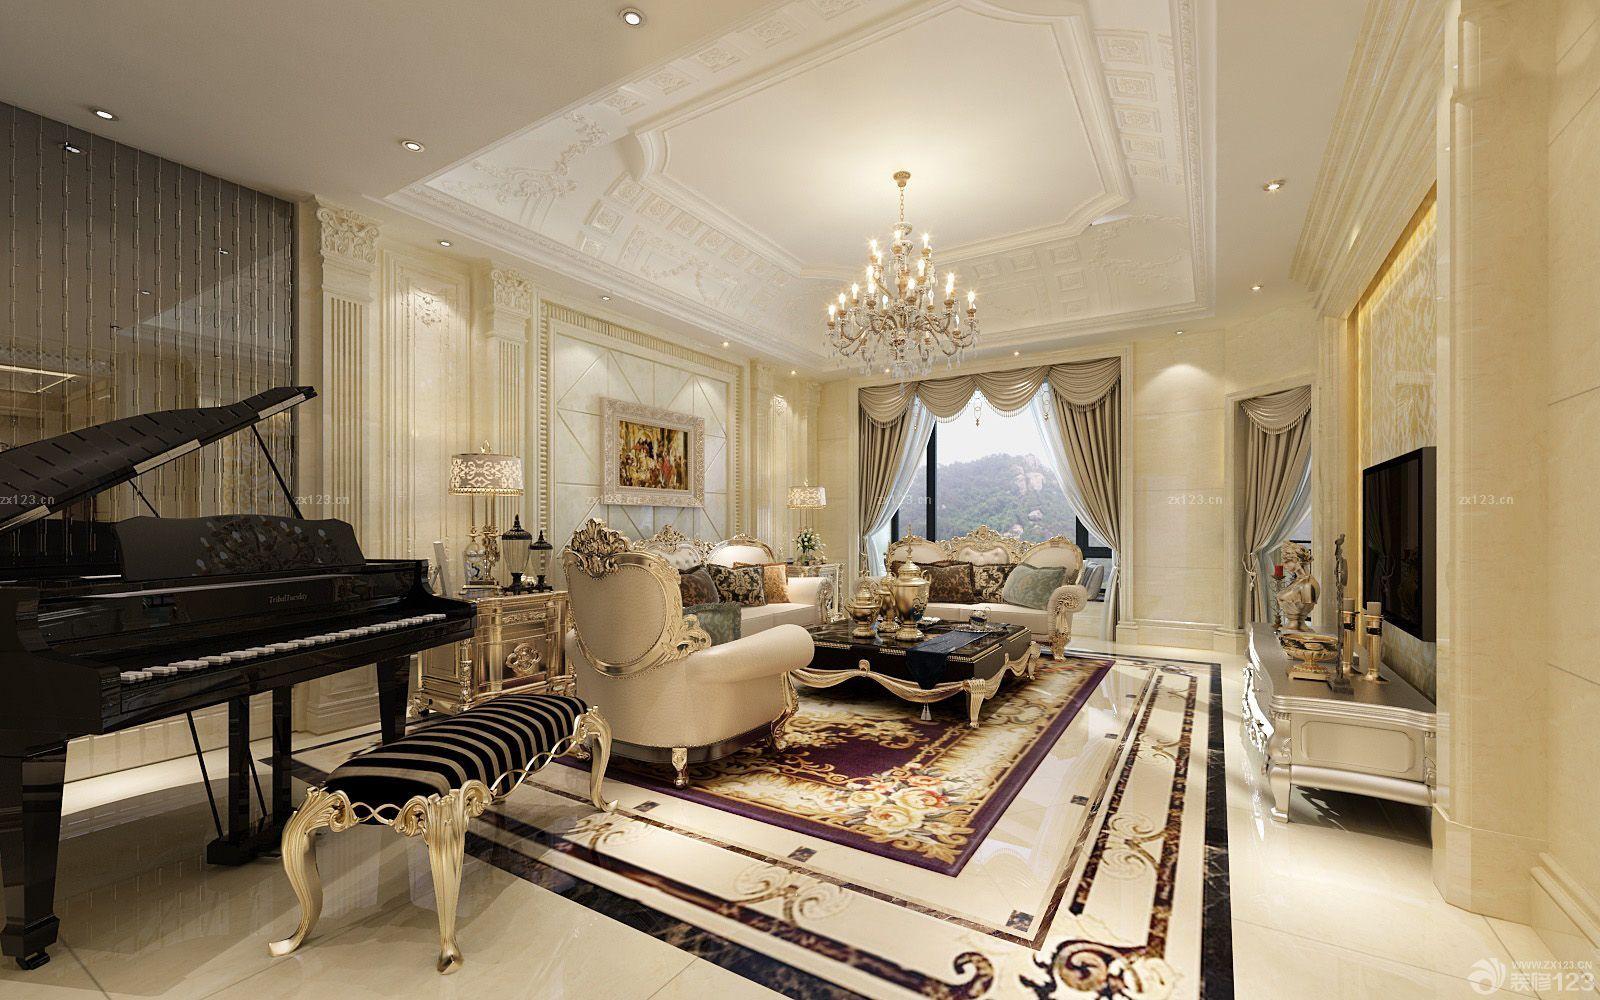 欧式家装样板间_最新欧式风格130平米三室一厅室内创意组合家具装修样板间_设计 ...